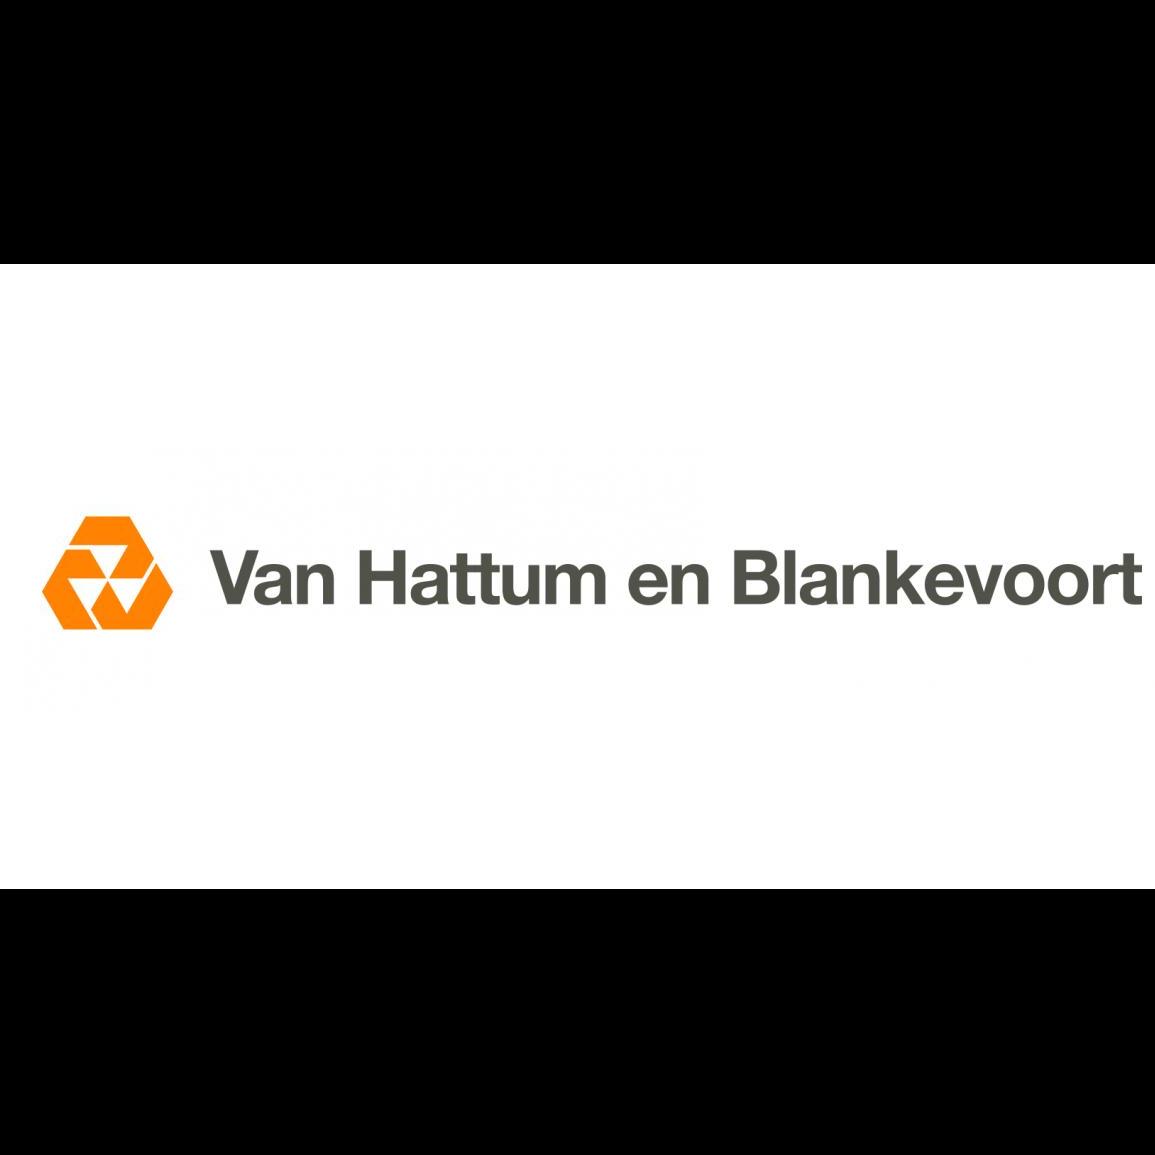 Van Hattum en Blankevoort